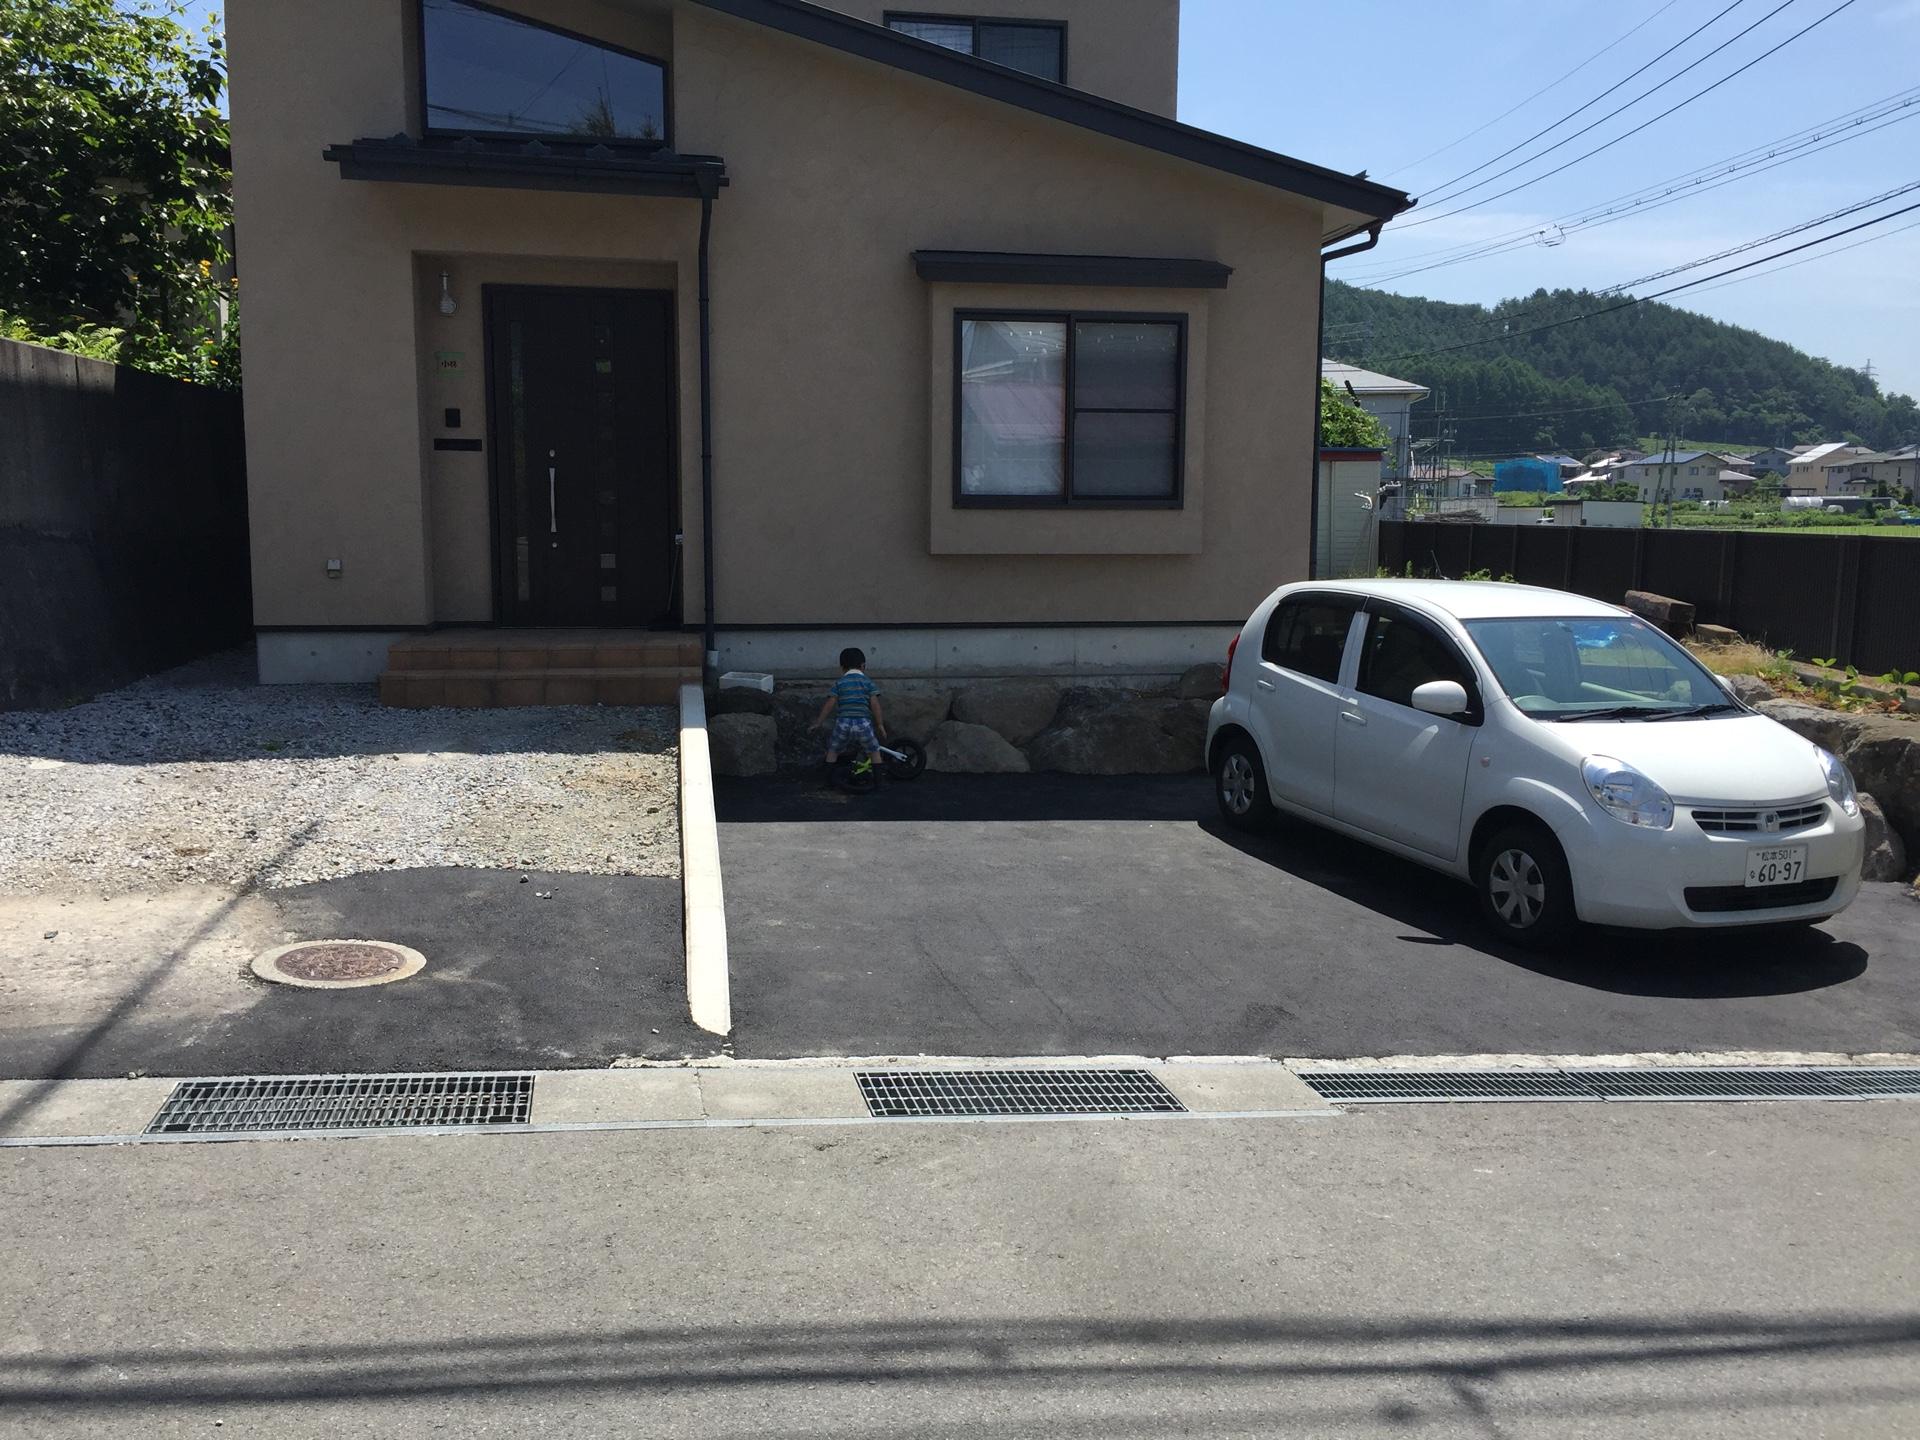 http://www.i-window.jp/case/images/1468286091661.jpg